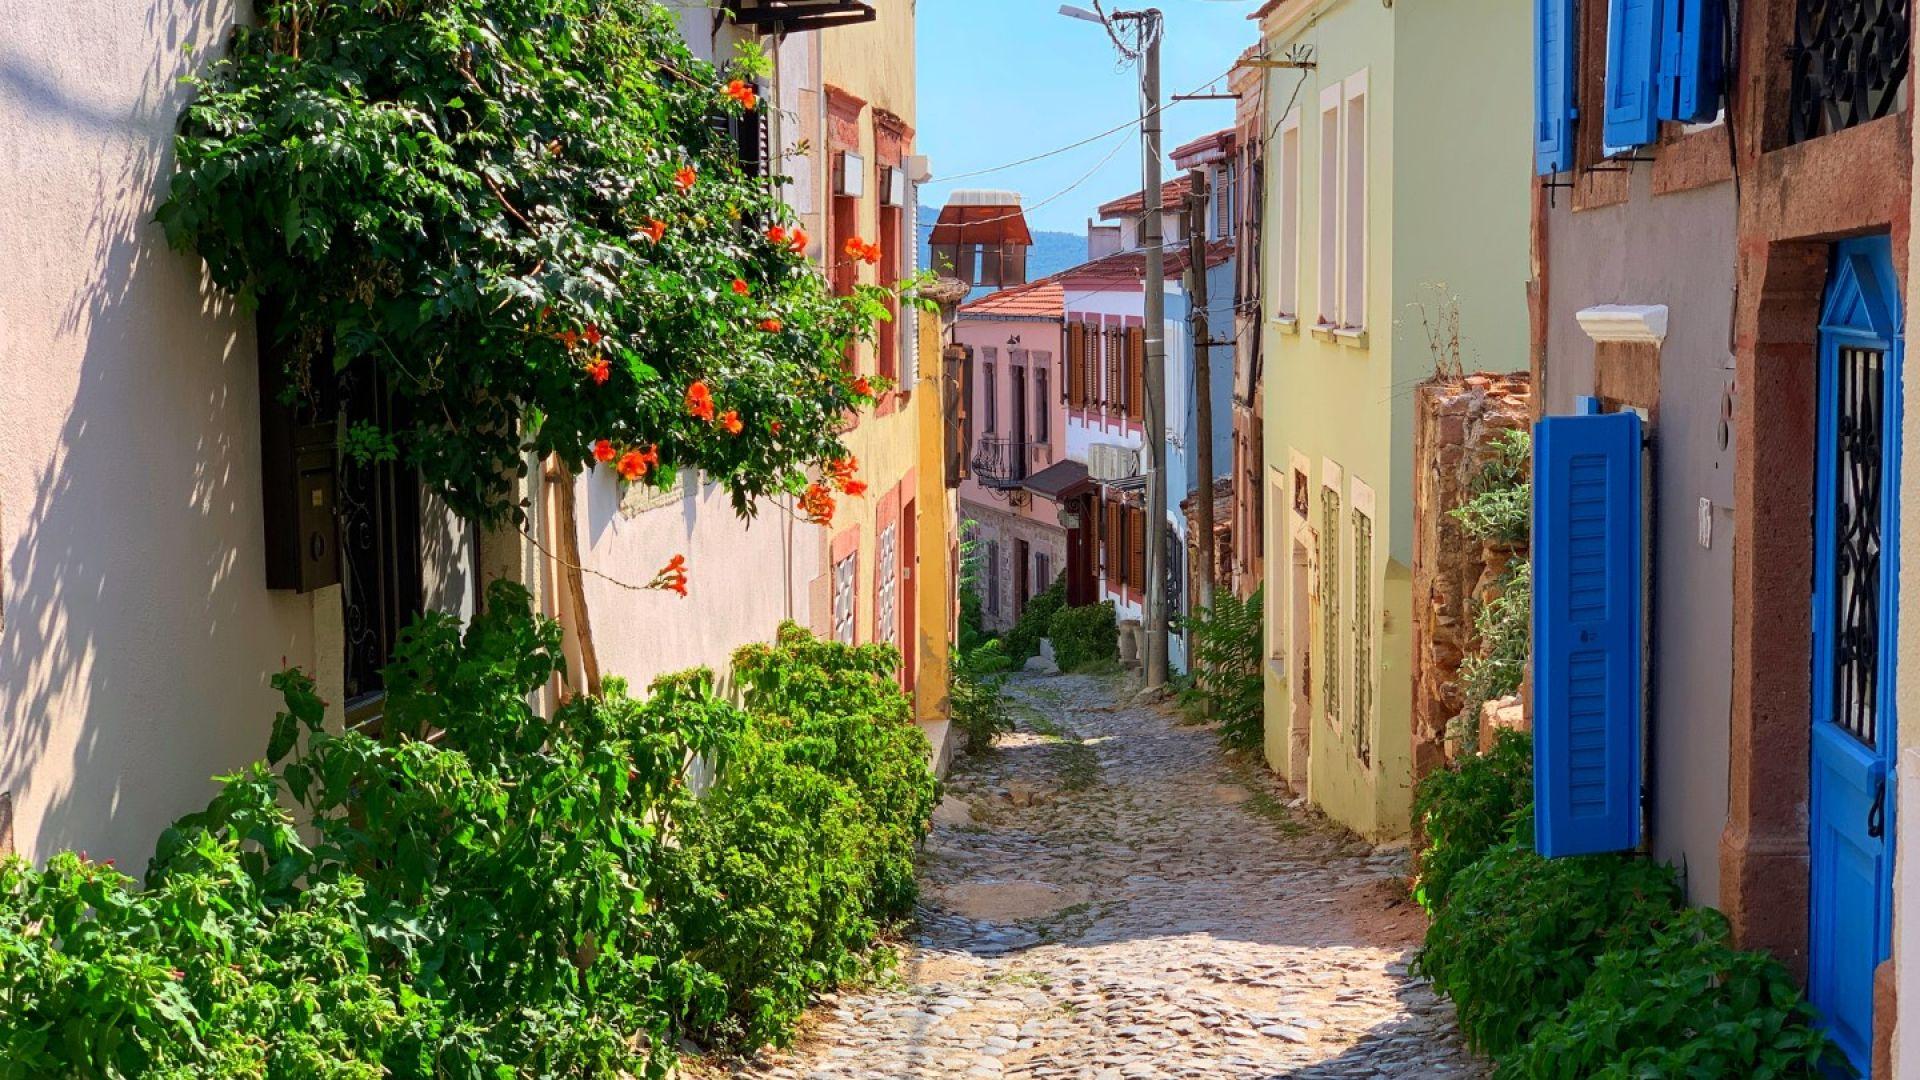 Айвалък е малък крайбрежен град, из чиито улици все още се виждат стари каменни къщи с яркосини дървени капаци на прозорците